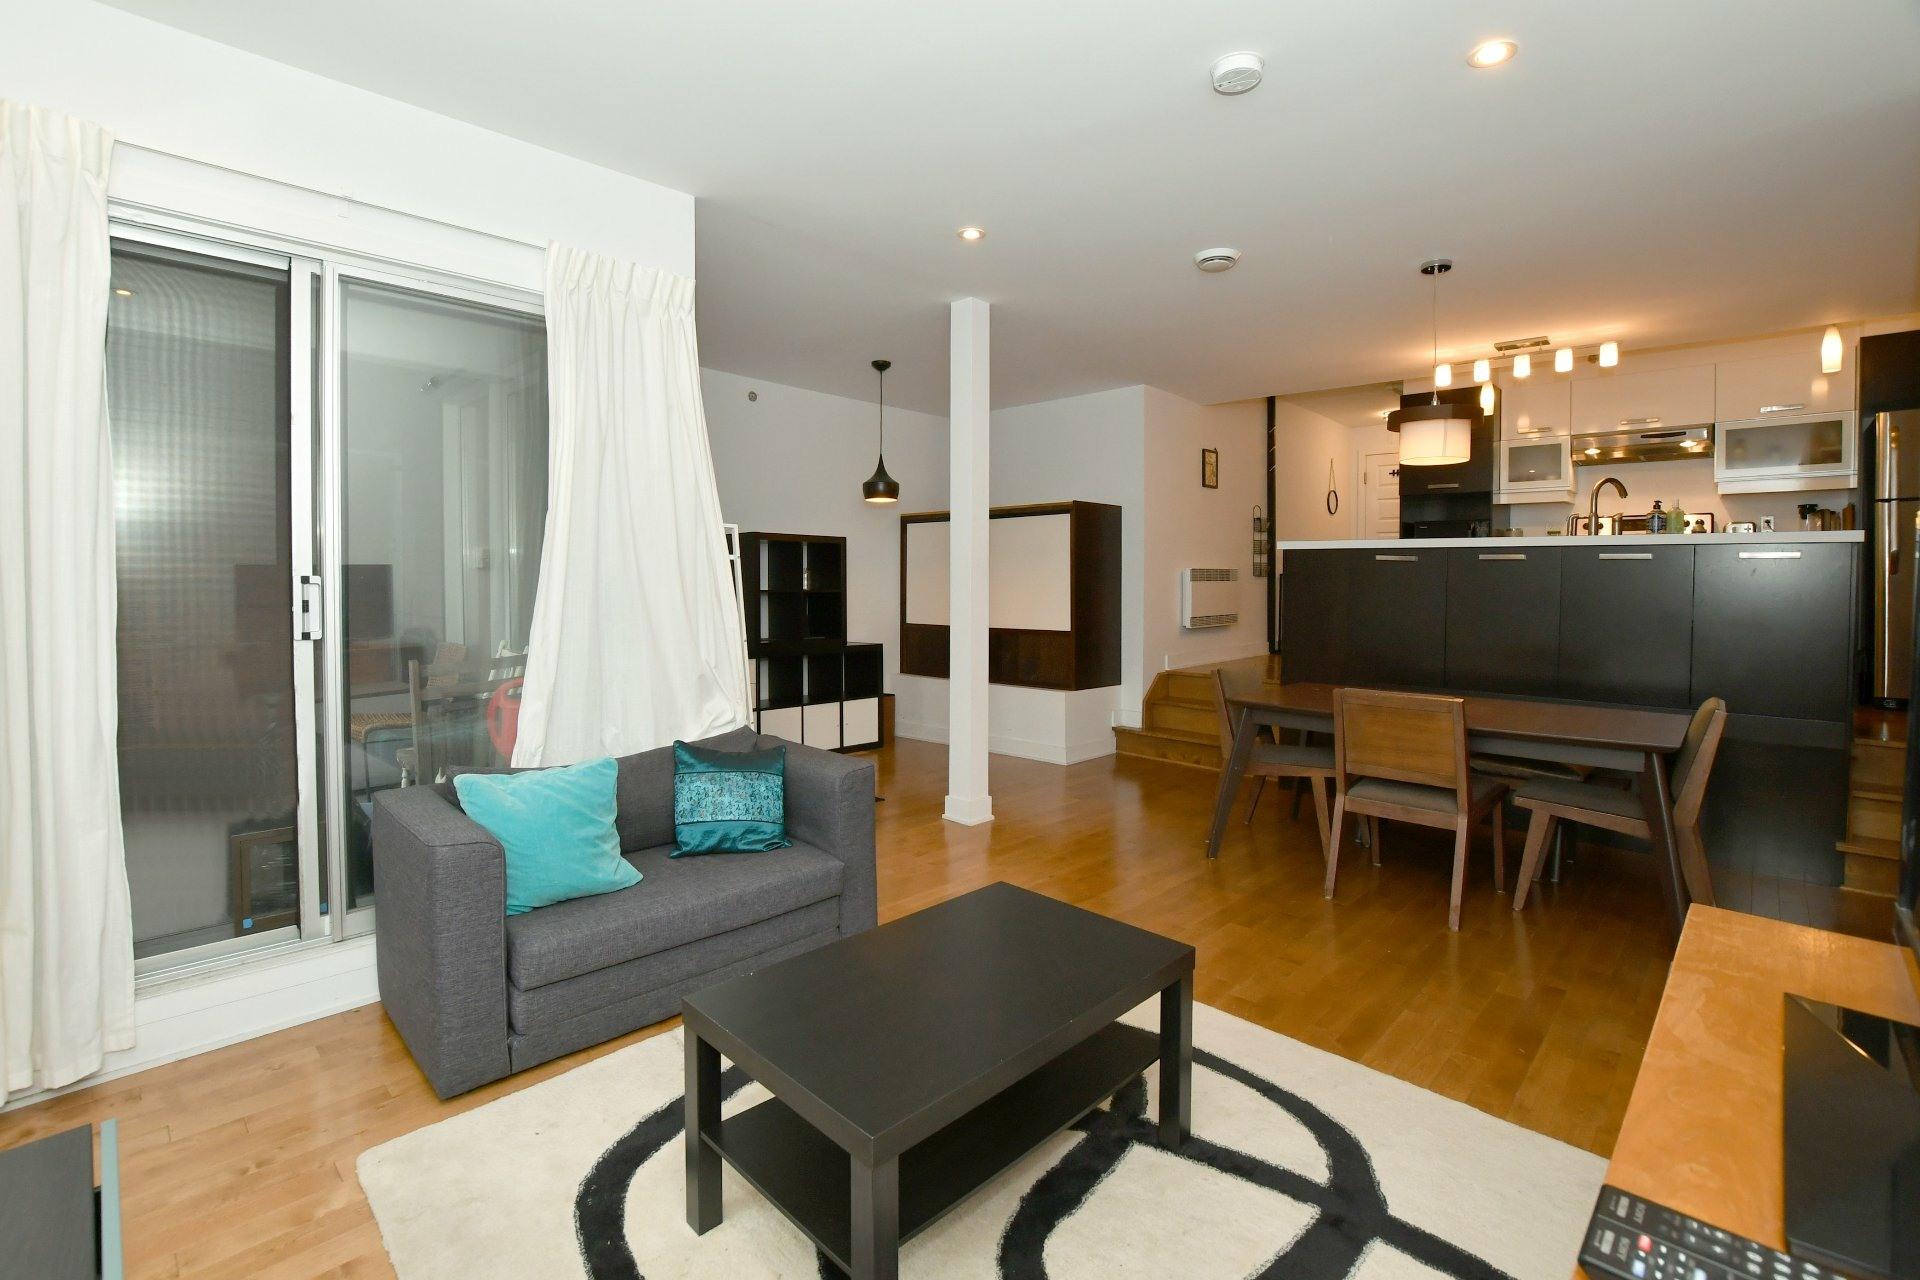 image 3 - Appartement À louer Le Plateau-Mont-Royal Montréal  - 4 pièces